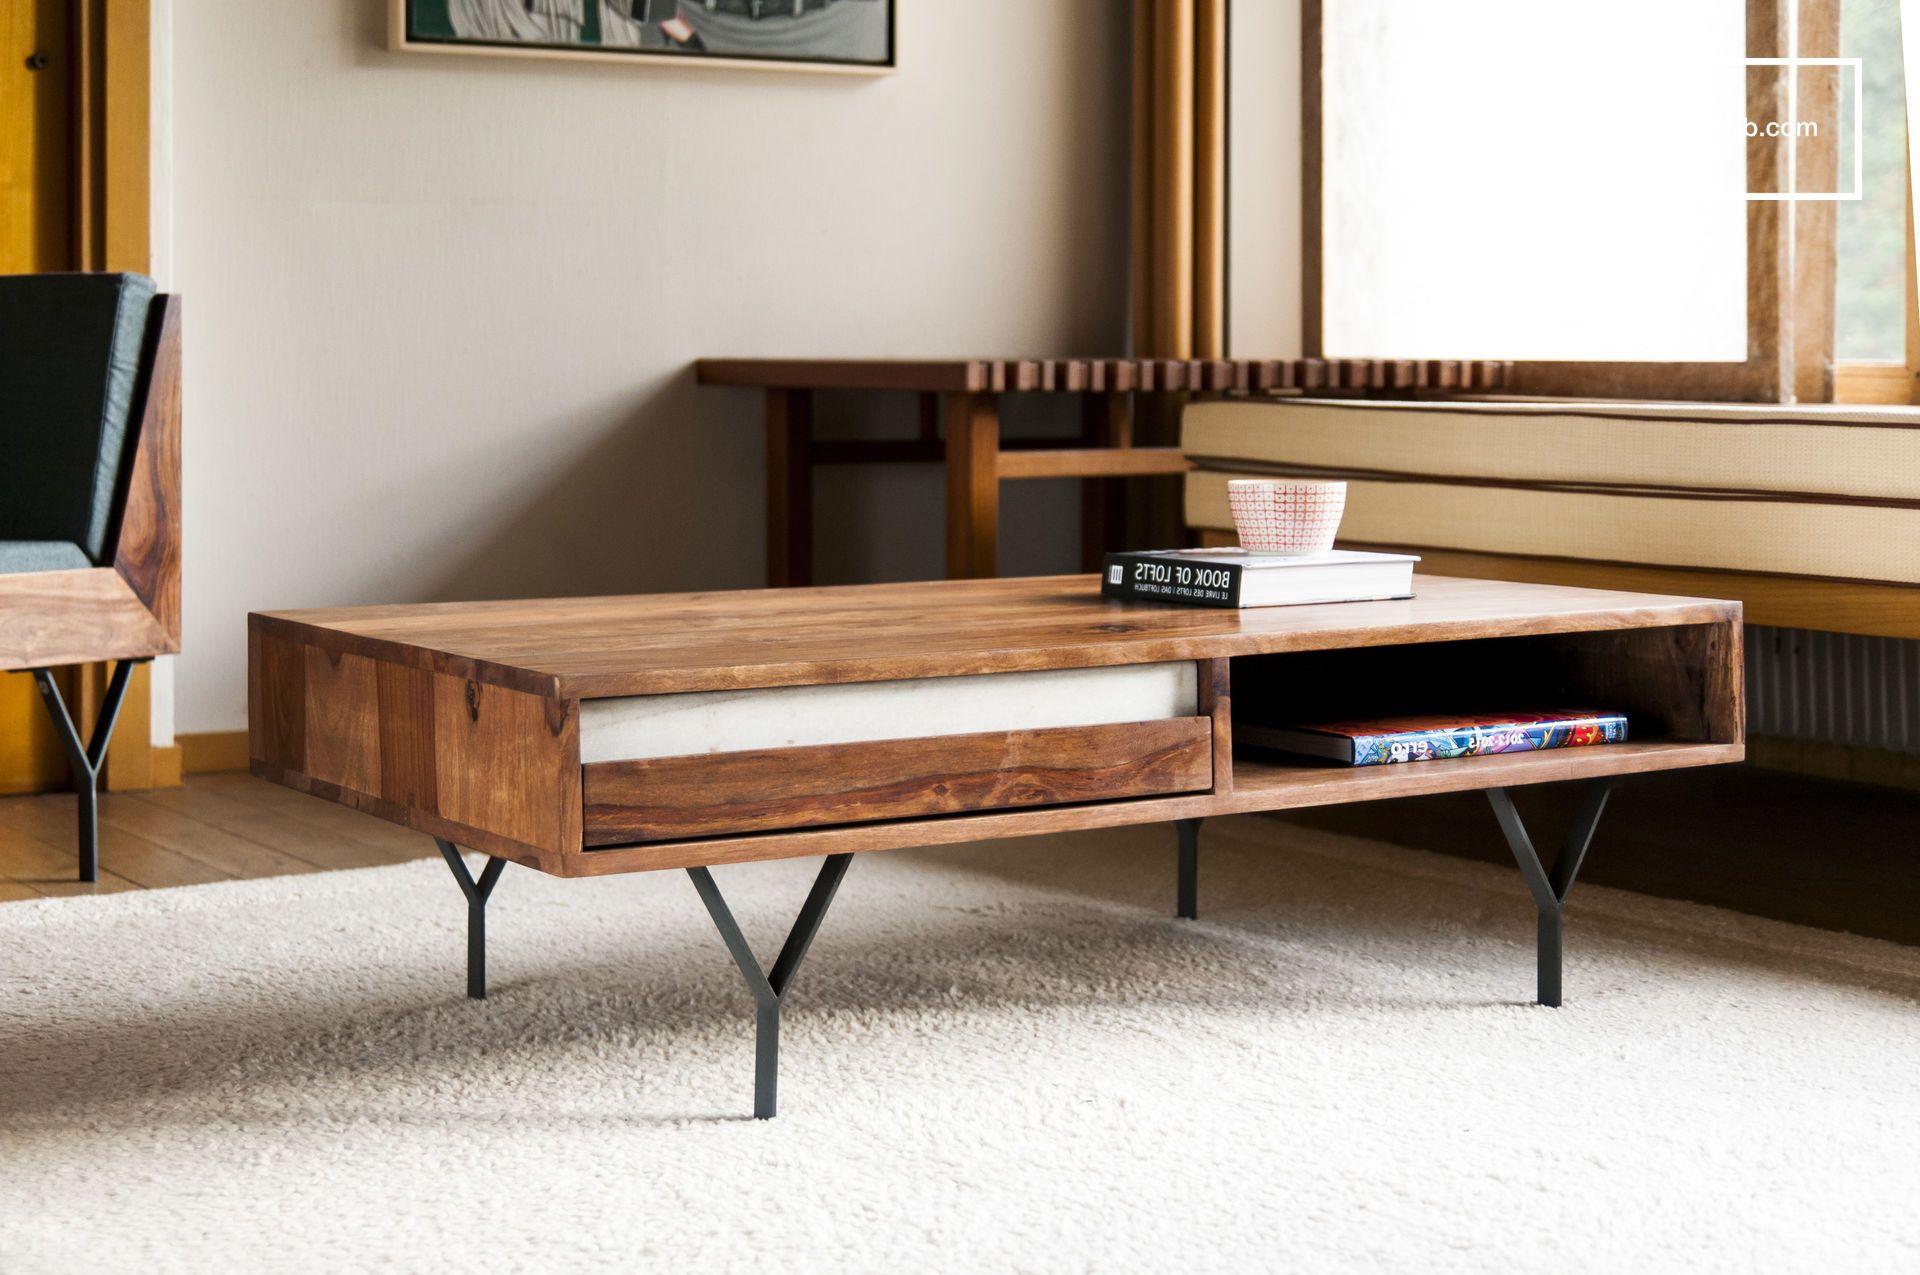 couchtisch mabillon m bel aus holz und metall pinterest dunkles holz couchtische und. Black Bedroom Furniture Sets. Home Design Ideas